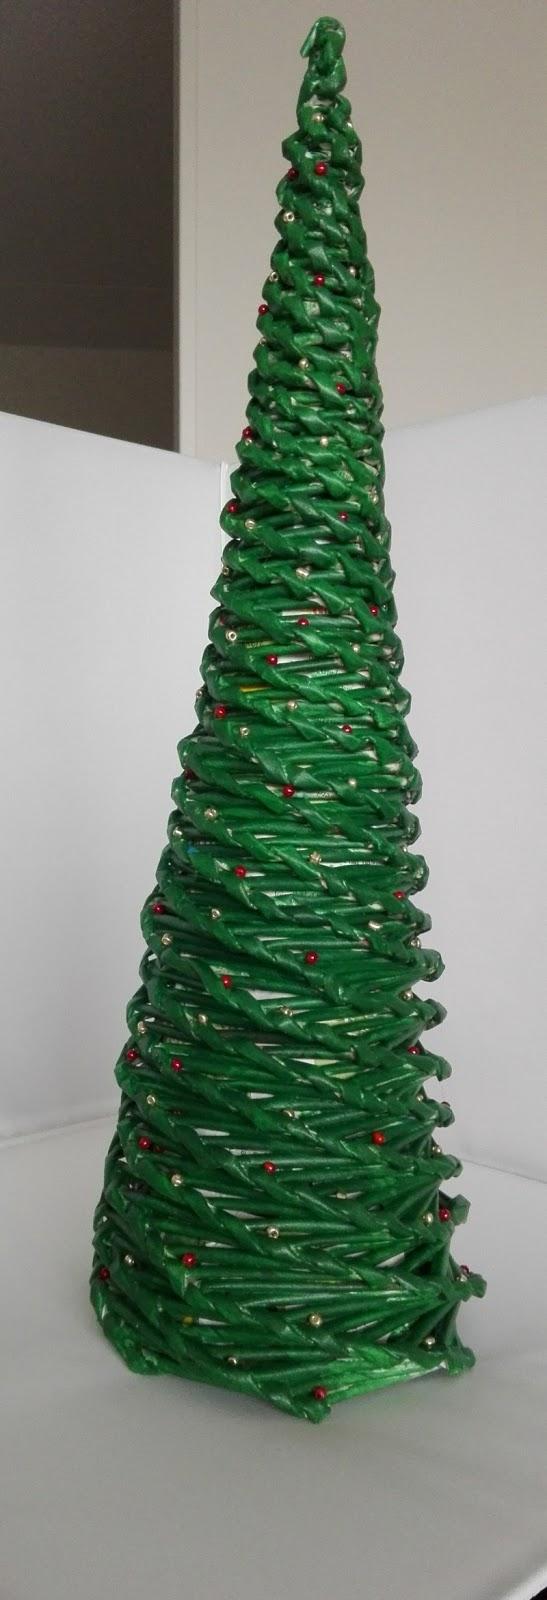 Heyleuk Kerstboom En Kerstster Van Papier